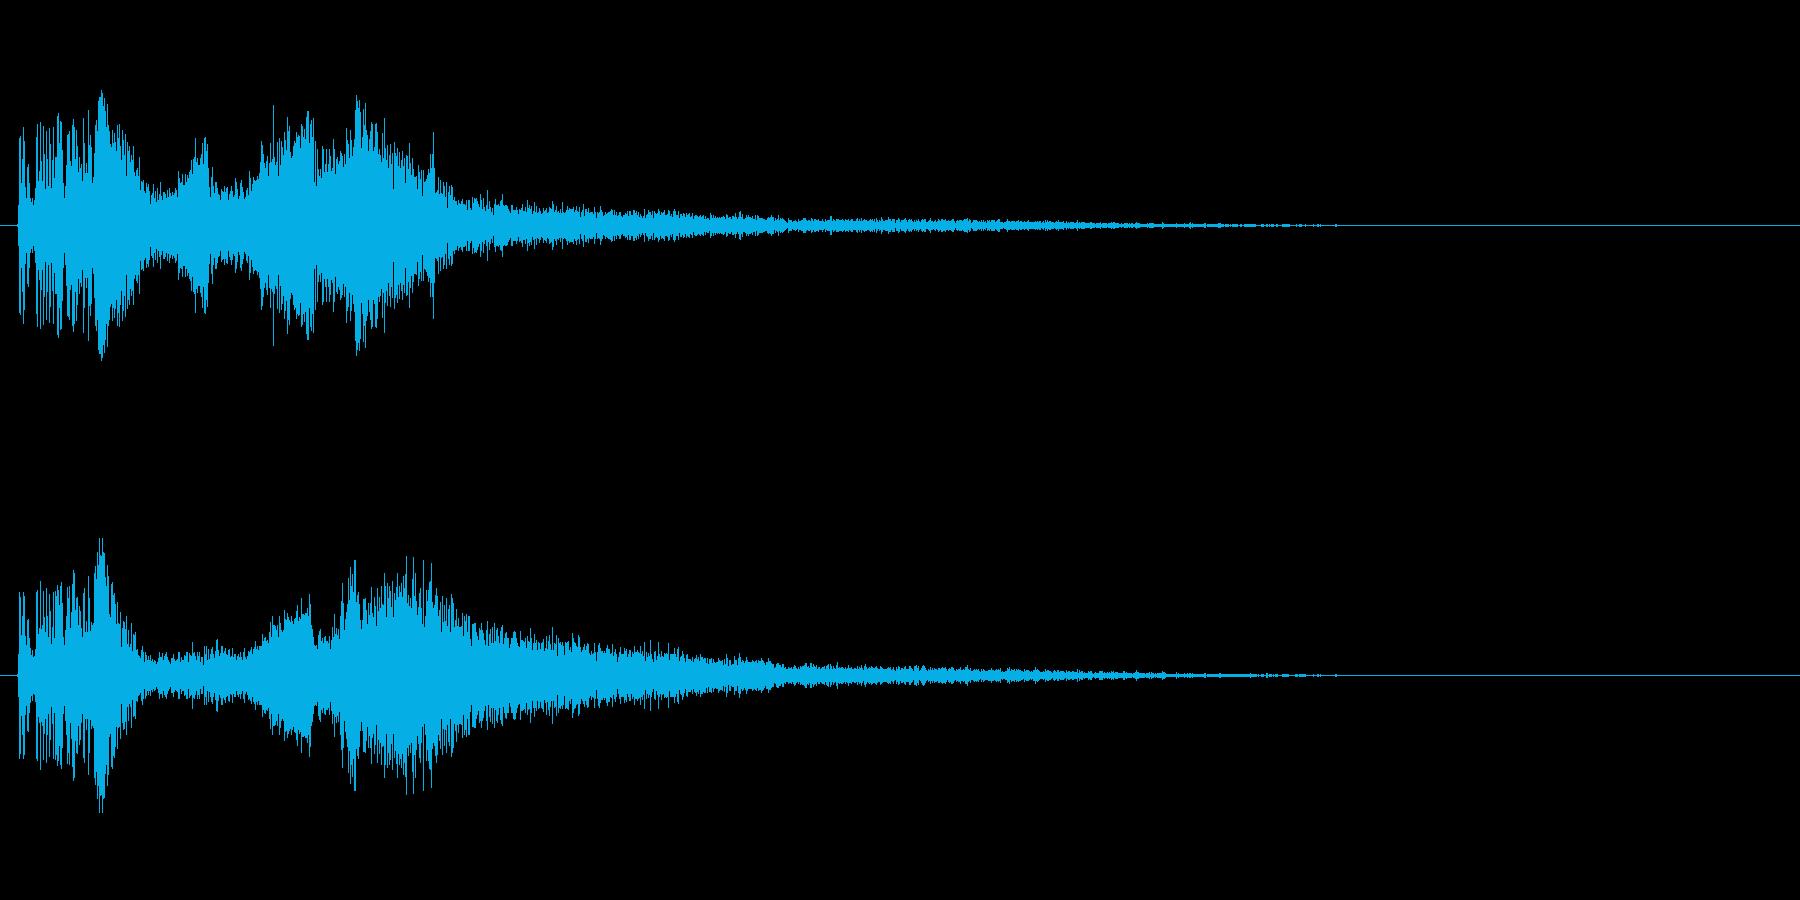 カッコいいラジオジングル効果音の再生済みの波形